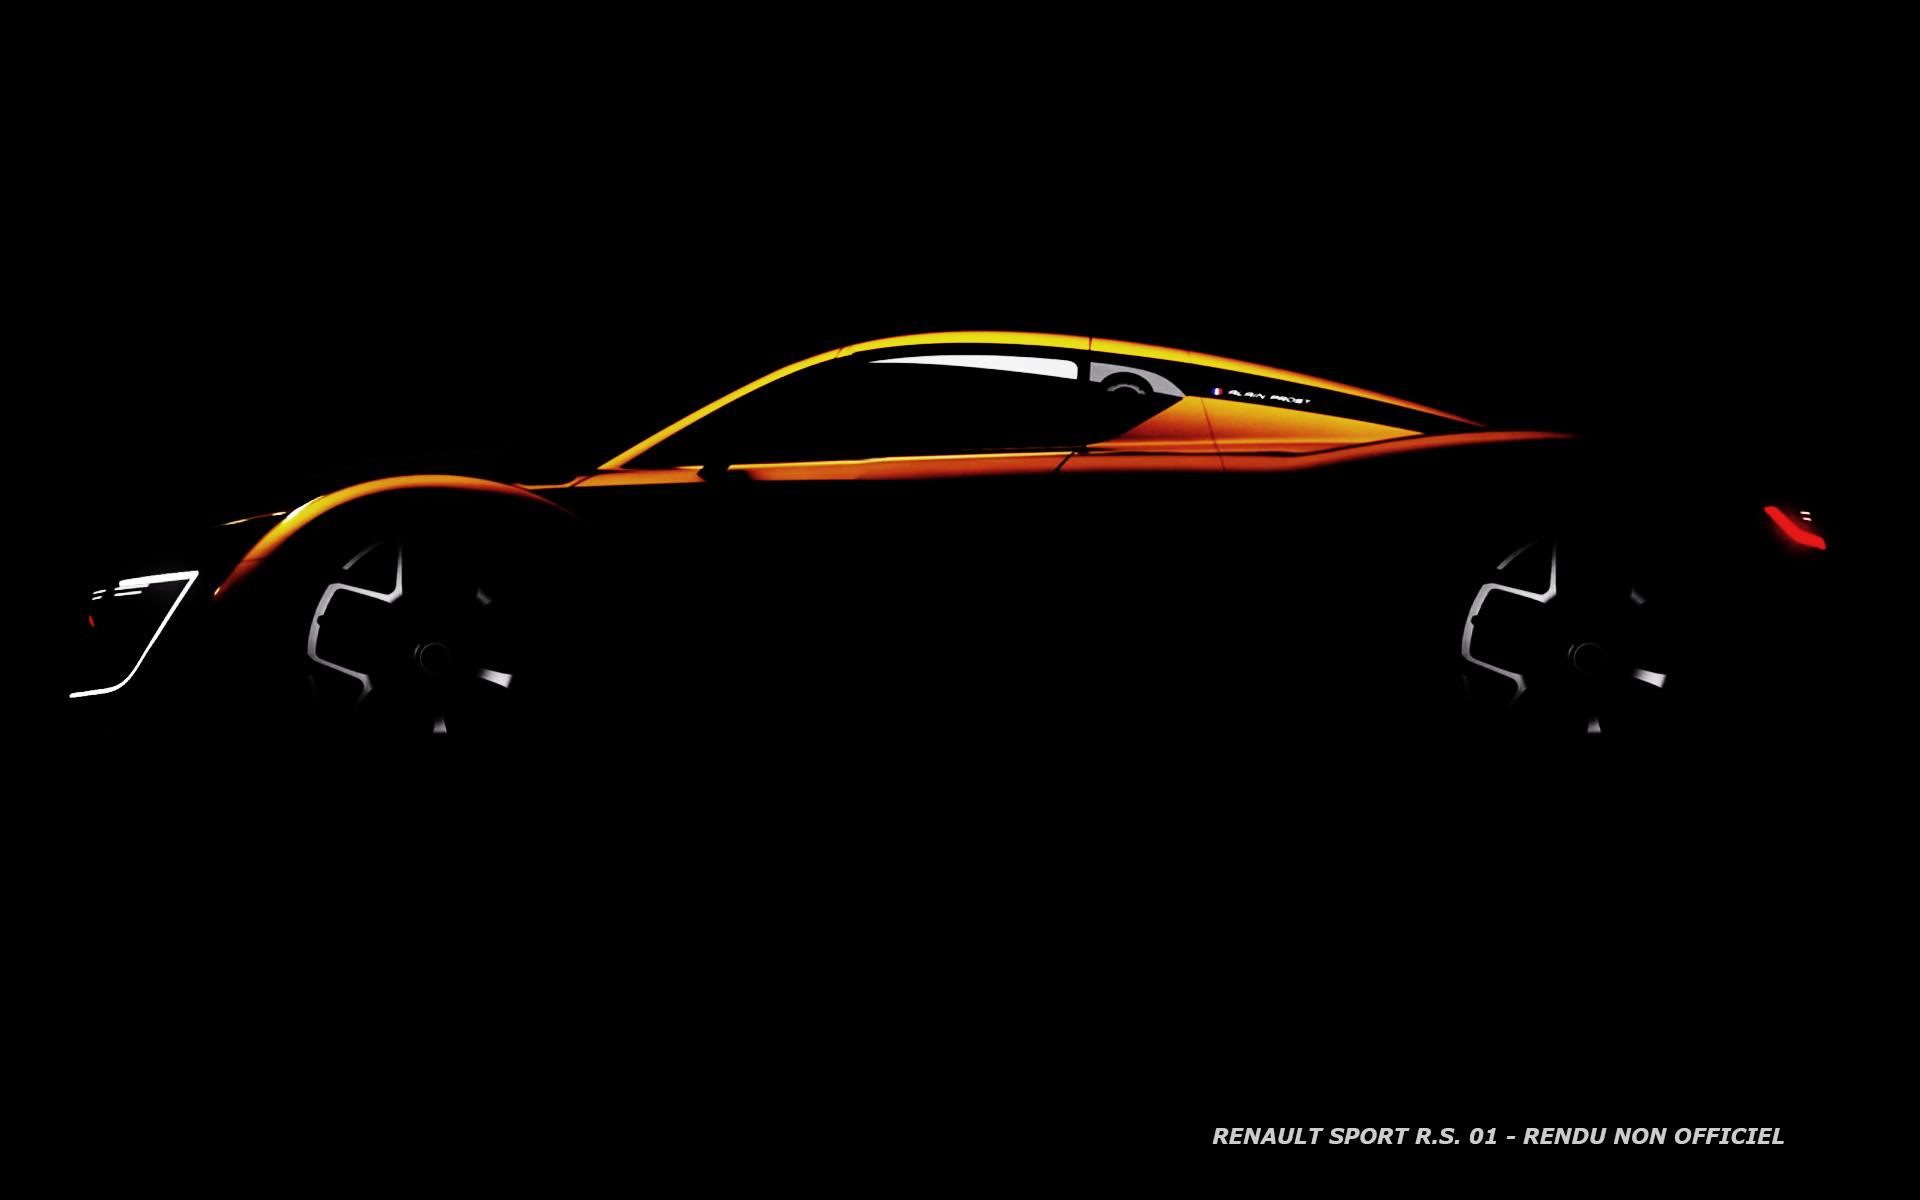 Renault Sport R.S. 01 - Wallpaper - Image non officielle